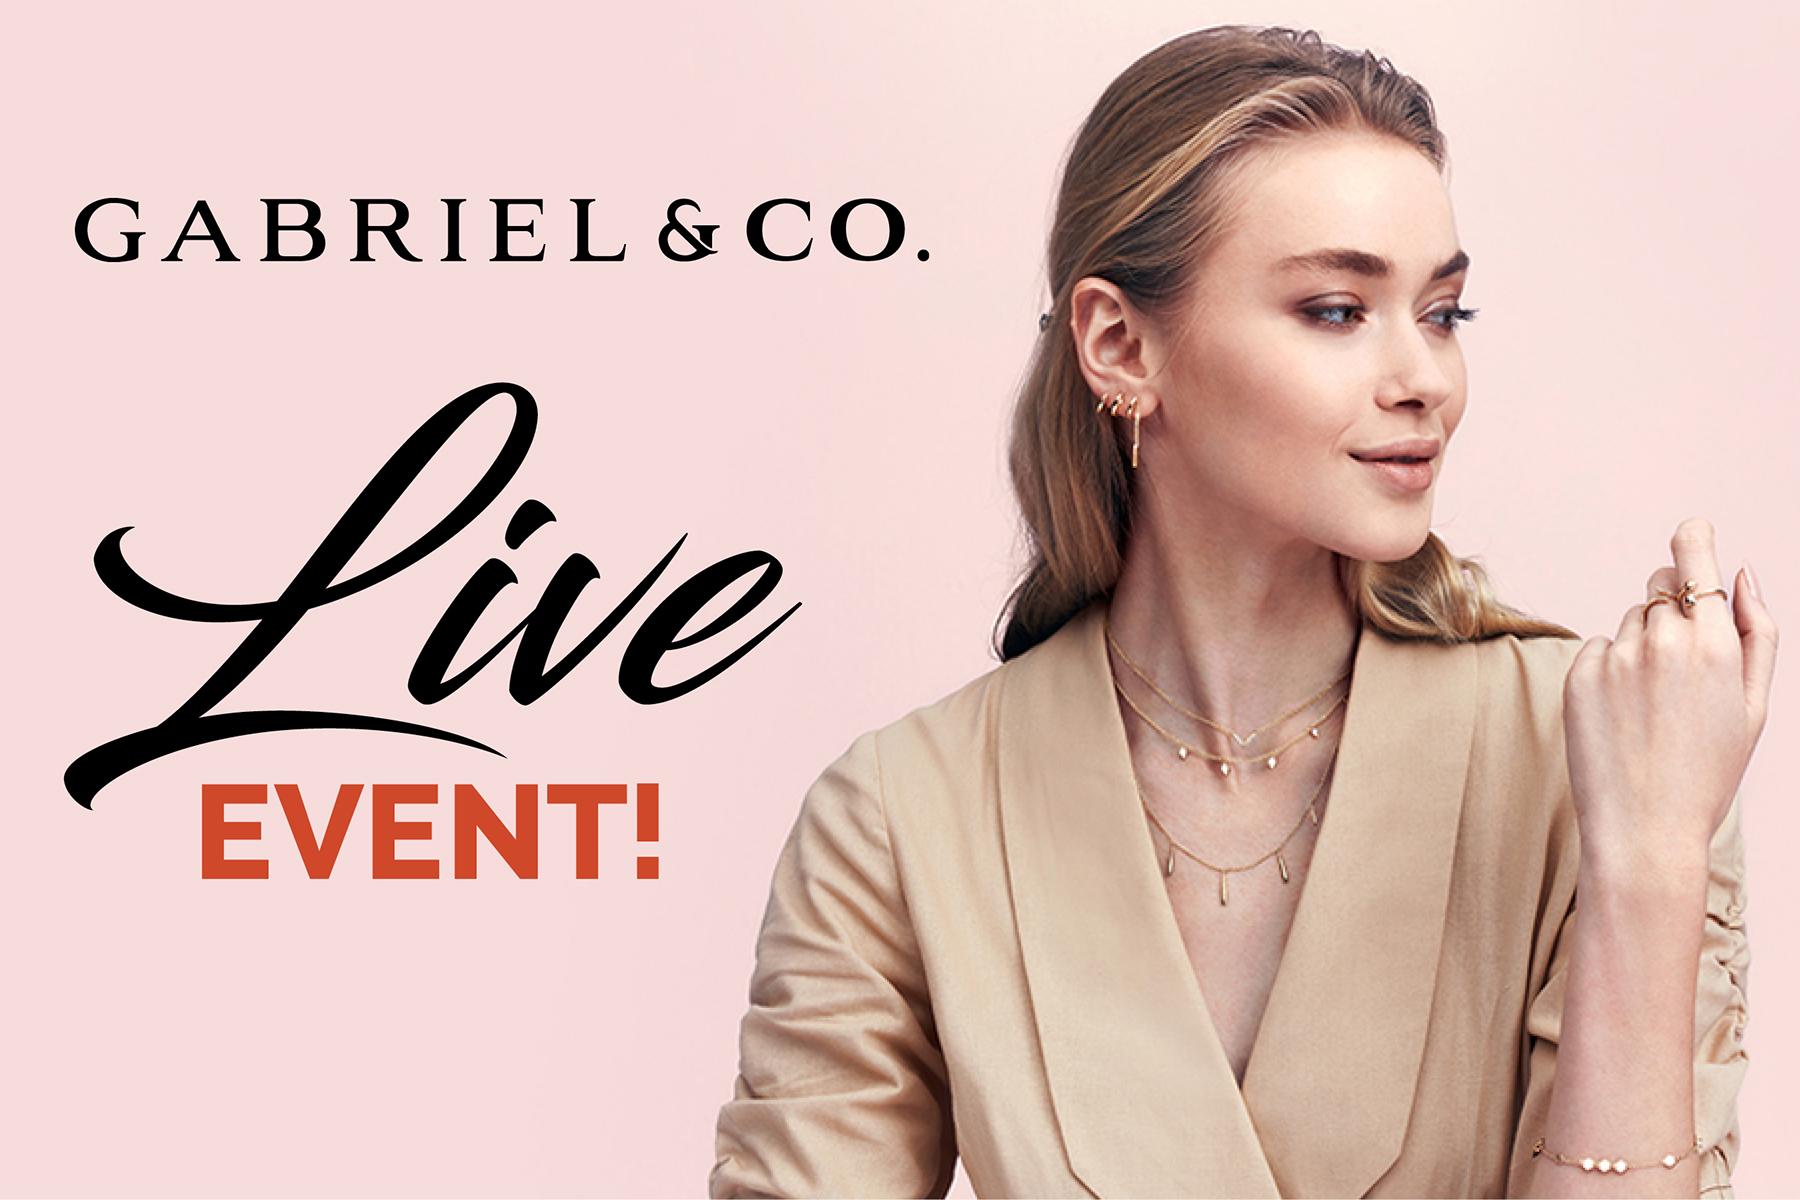 Gabriel & Co LIVE Event